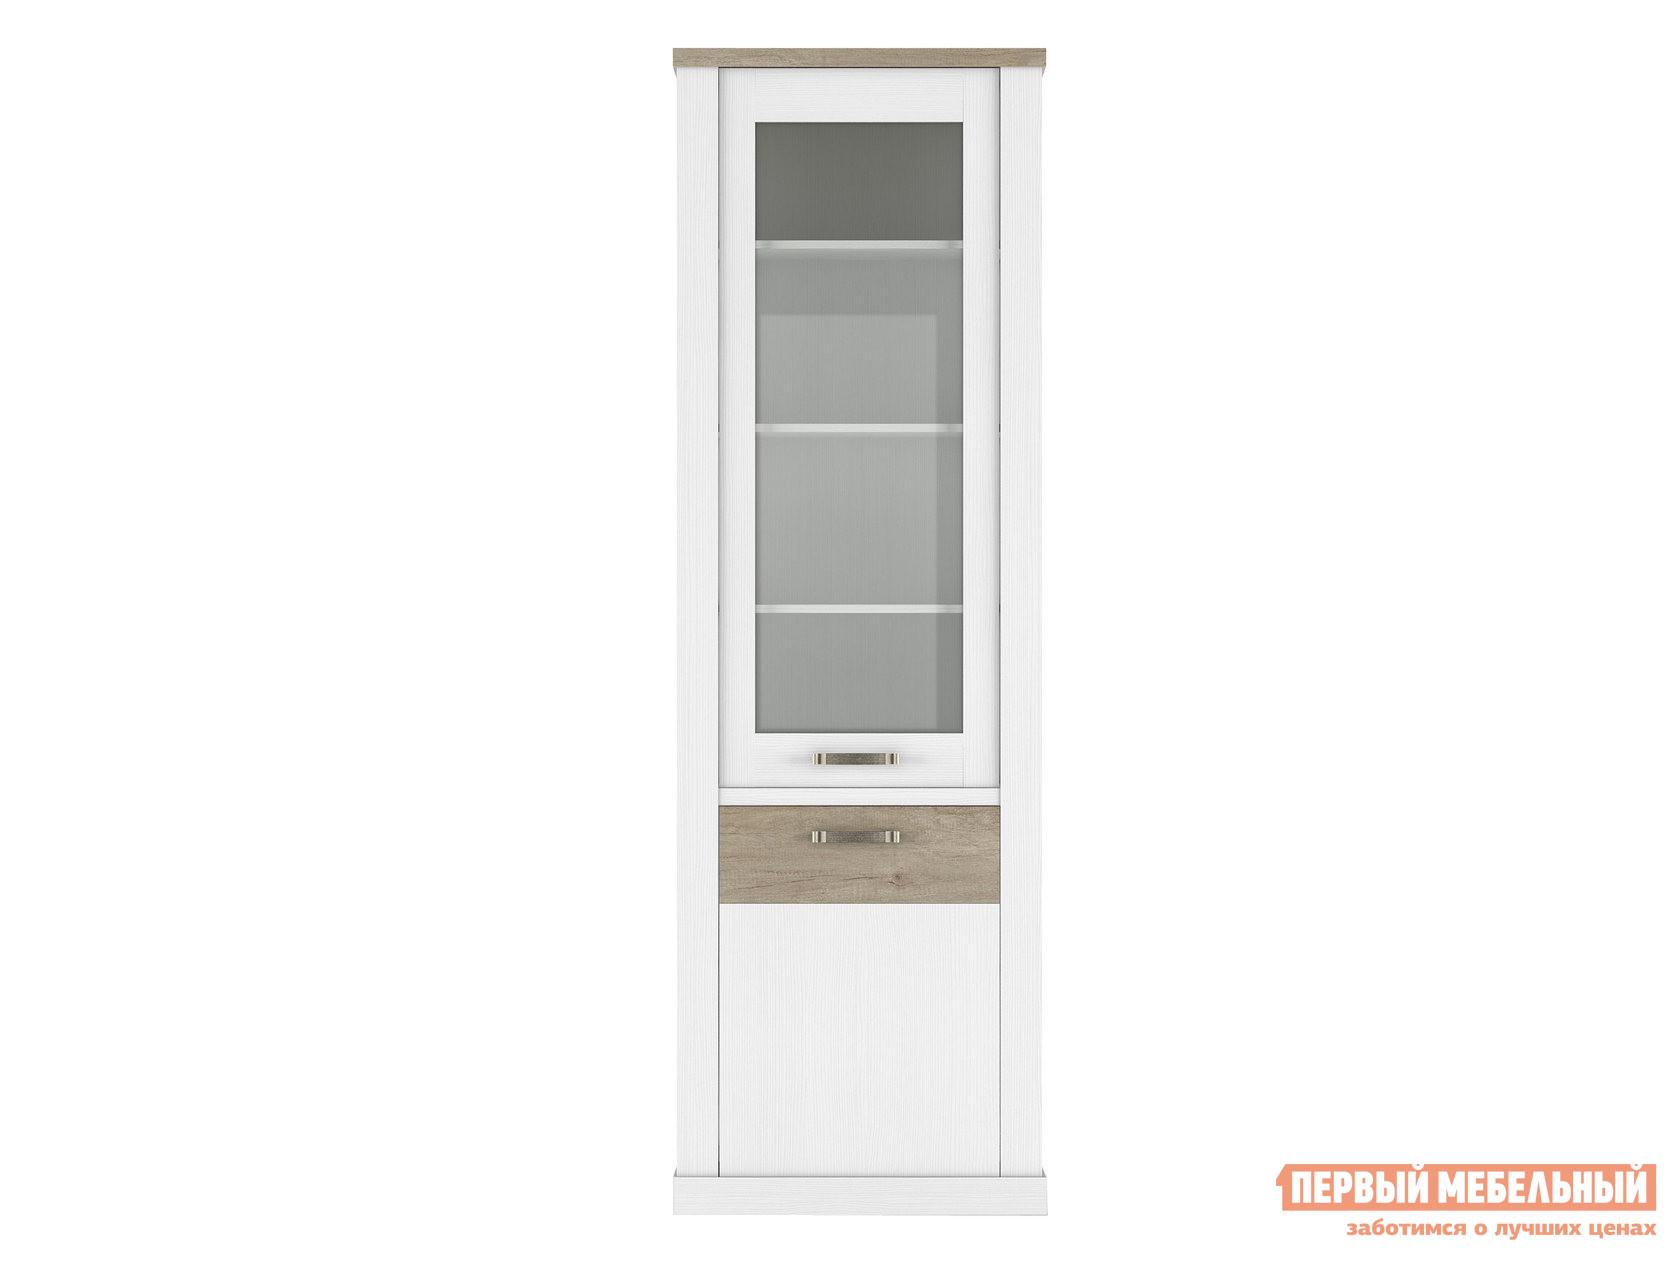 Шкаф-витрина Первый Мебельный Шкаф-витрина Прованс шкаф витрина первый мебельный шкаф витрина оскар